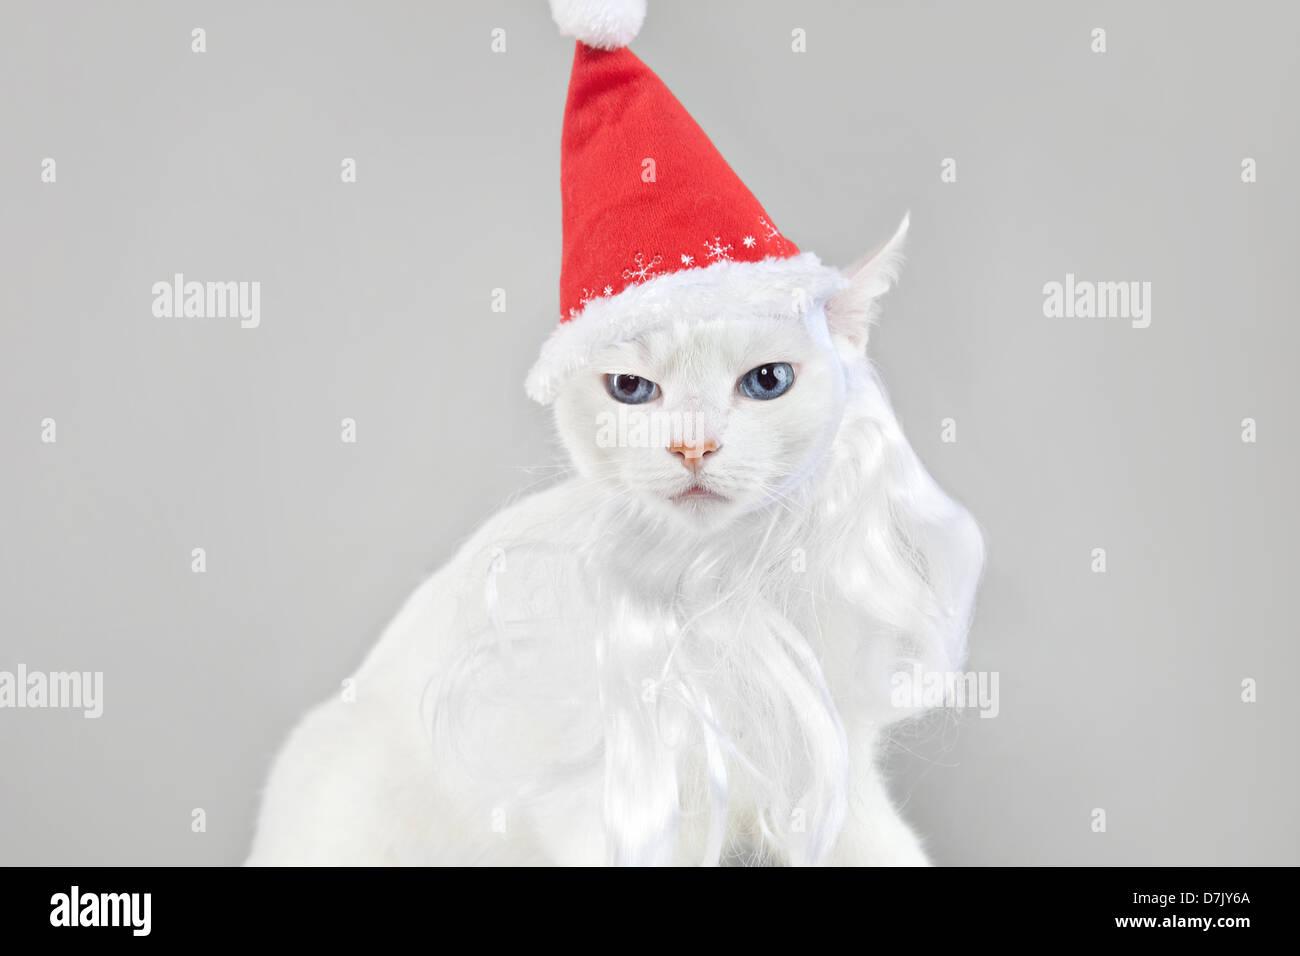 Santa cat retrato contra el fondo gris Imagen De Stock